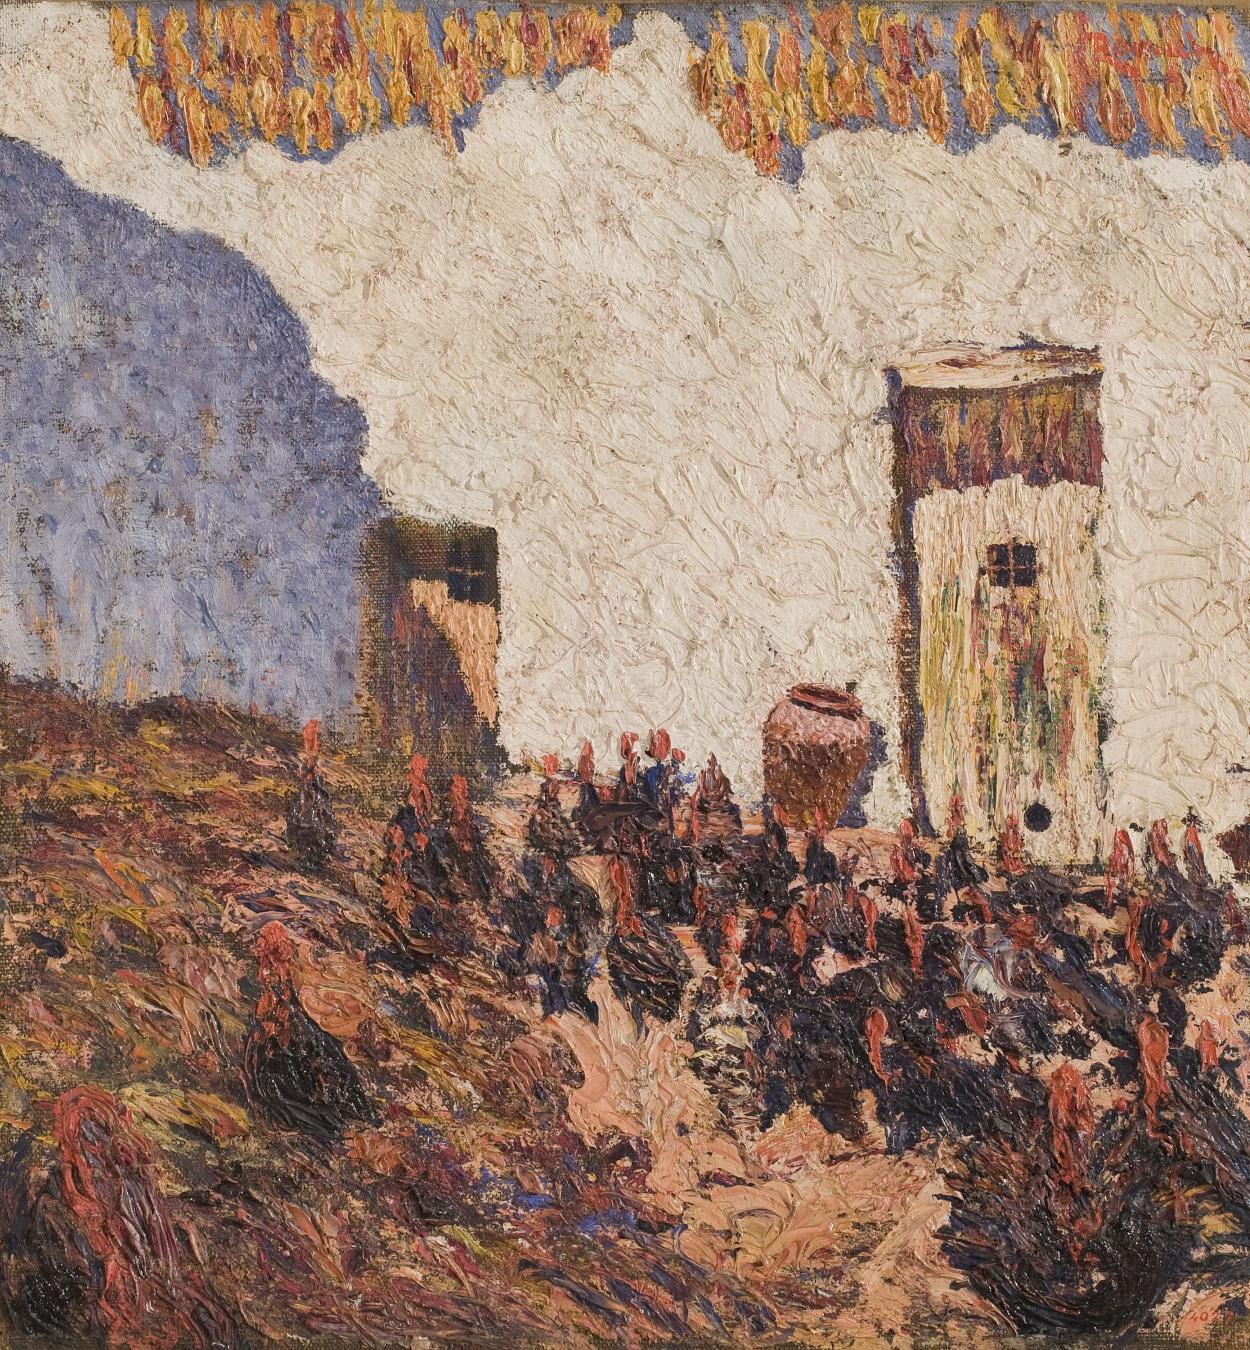 Nicolau Raurich - Turkeys (Sant Pol de Mar) - Circa 1912